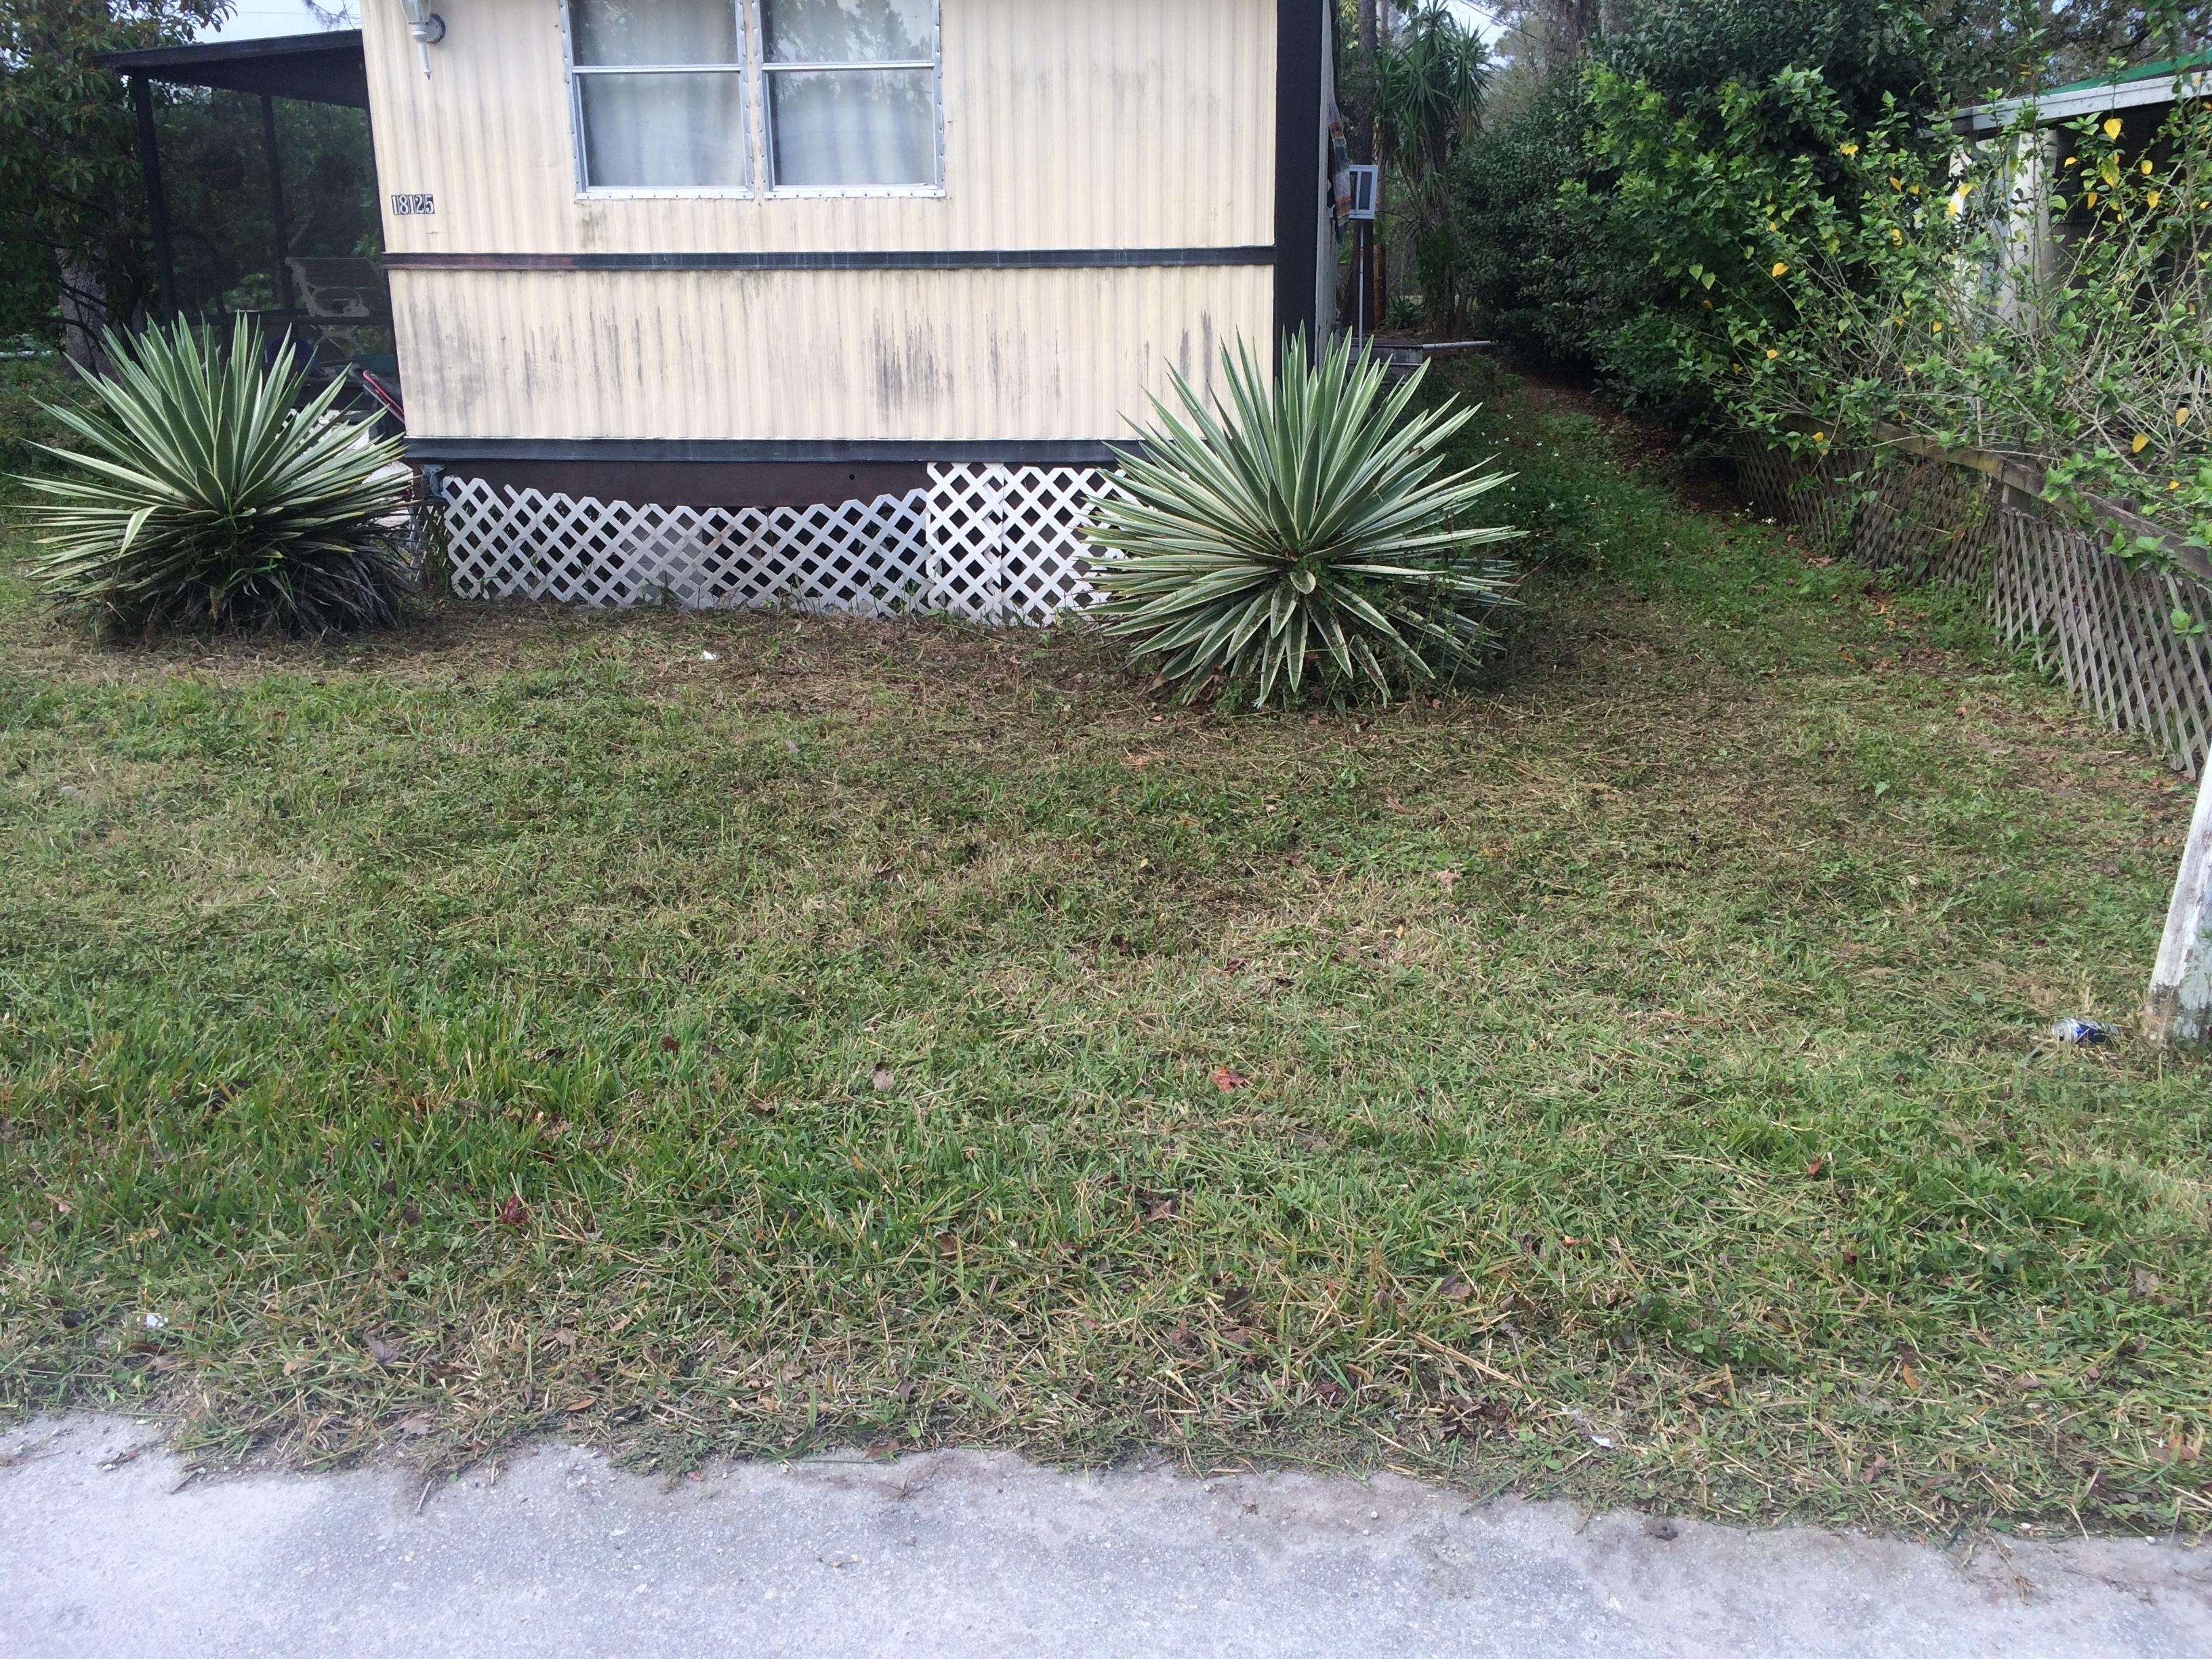 Yard mowing company in Winter Garden, FL, 34787